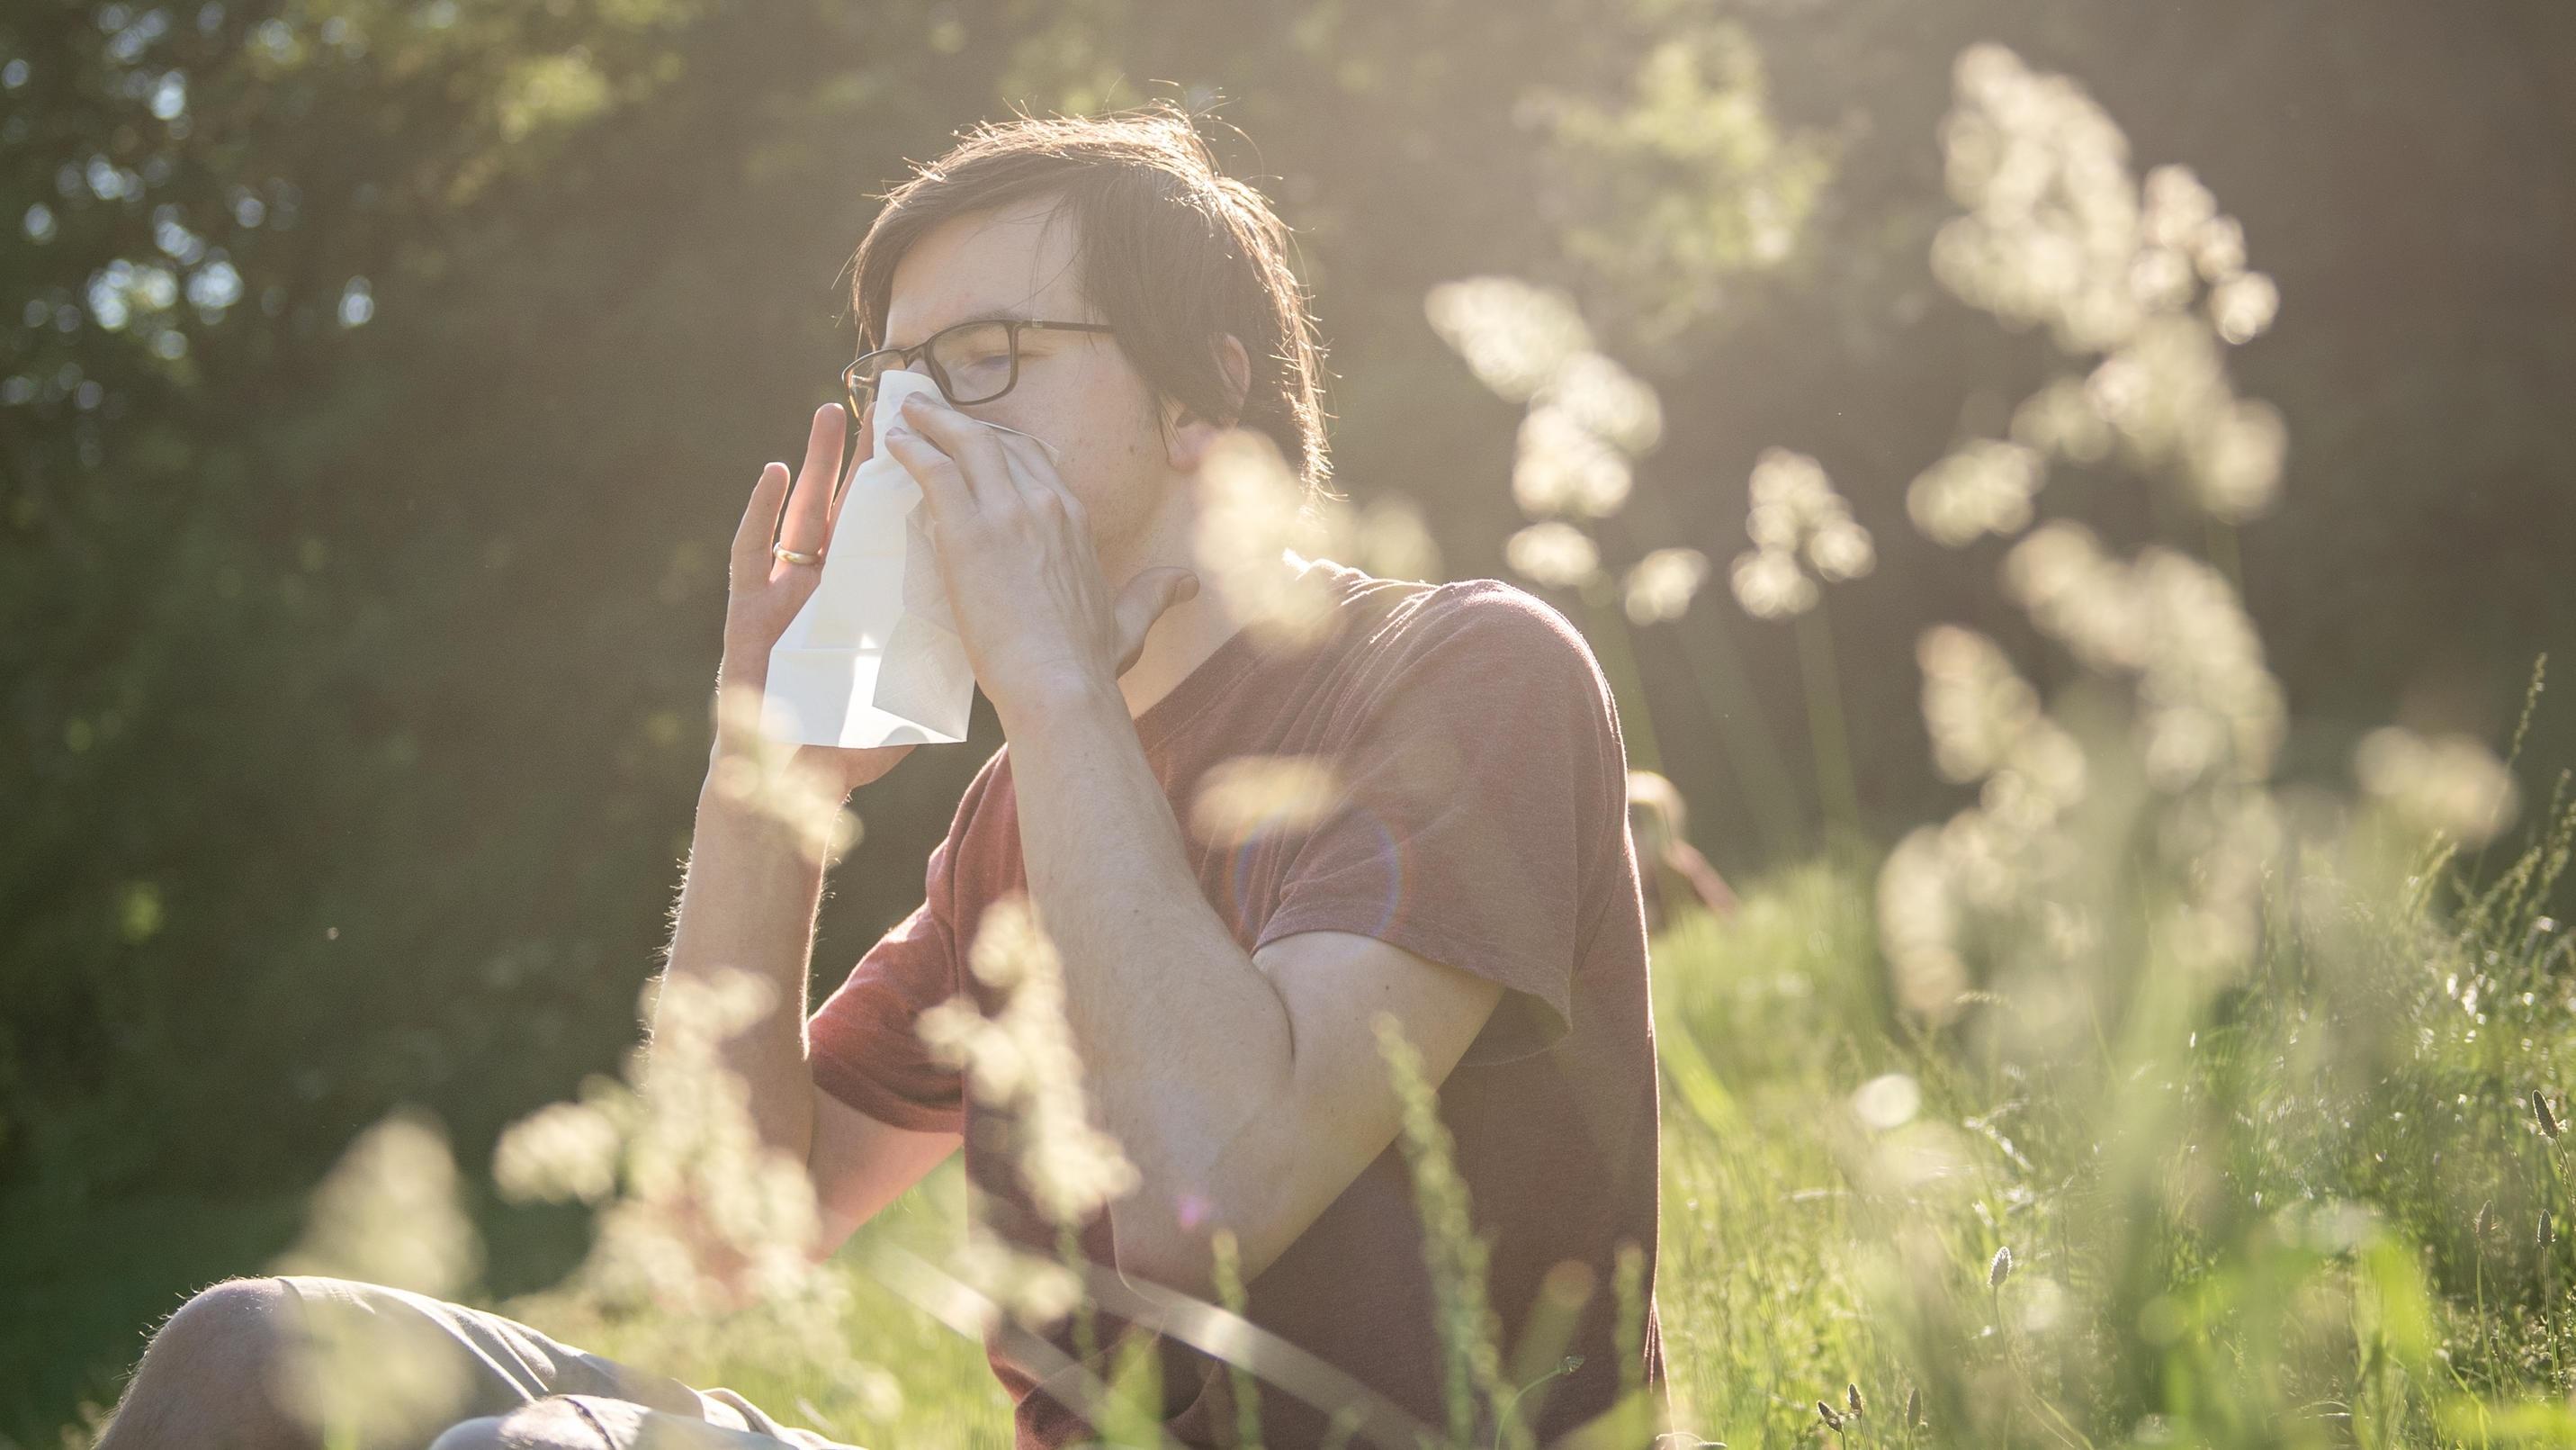 Gerade in der Pollenzeit leiden viele Menschen an einer permanent verstopften Nase. Hochziehen oder putzen? Was ist besser?